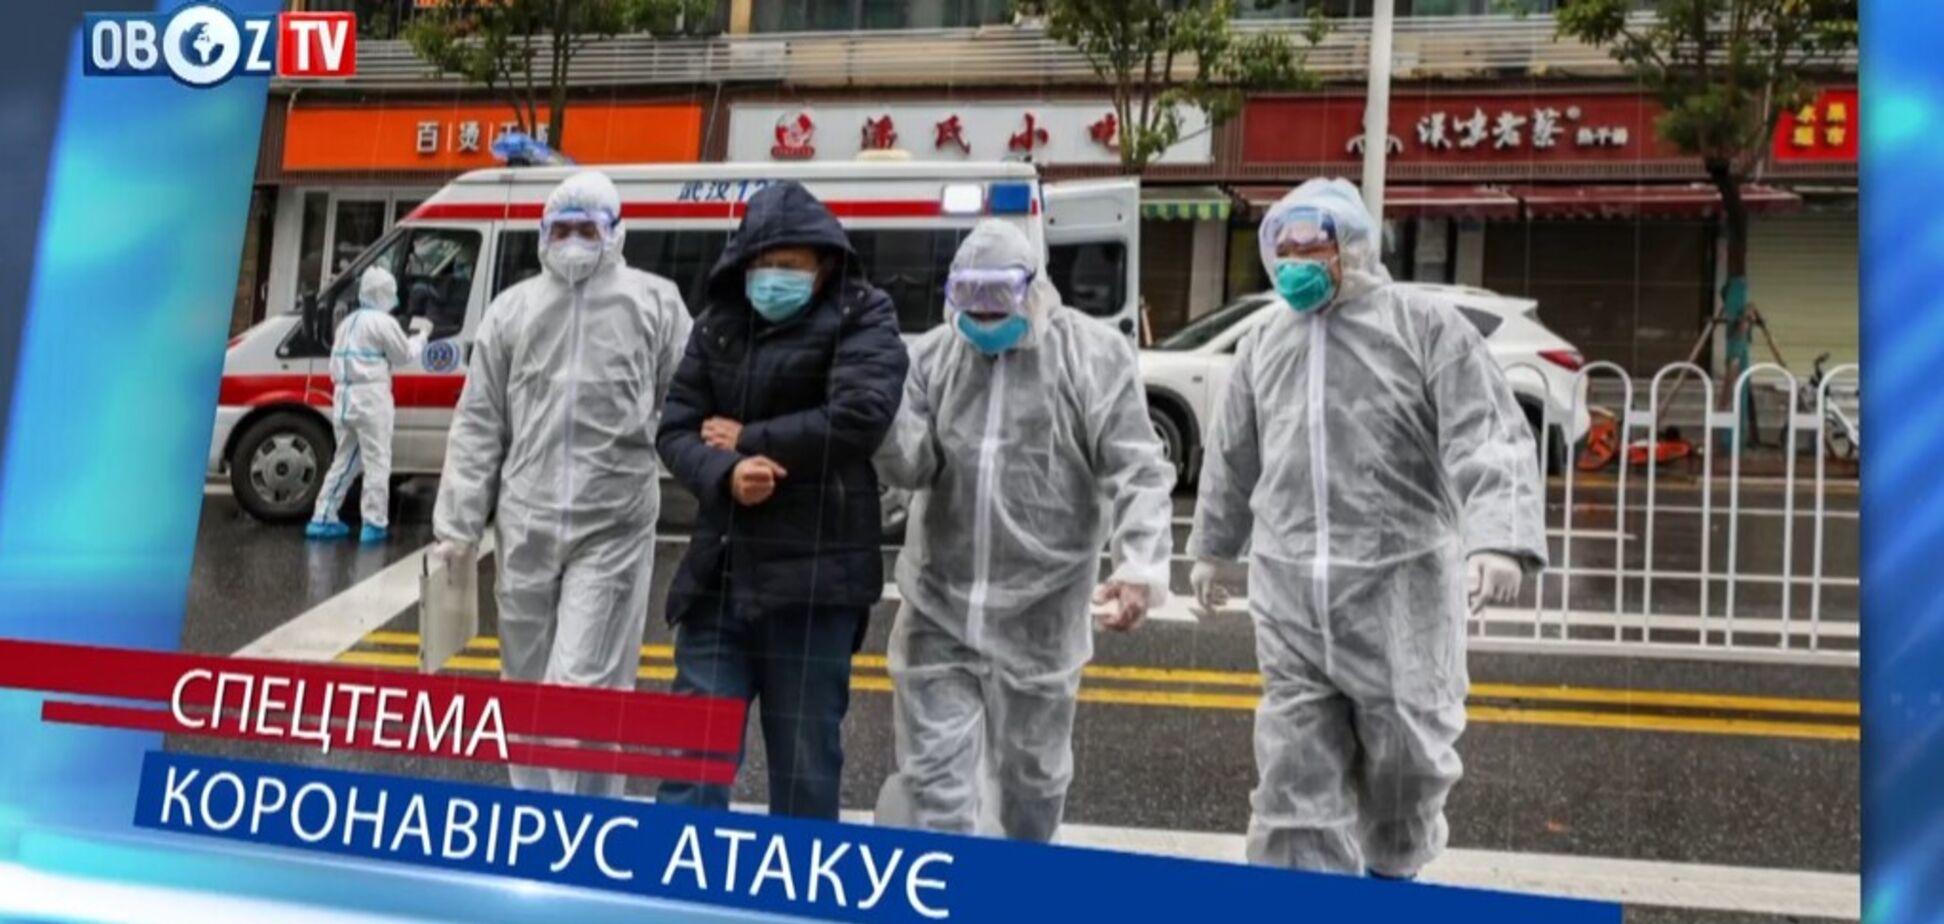 Погода не впливає на коронавірус: як запобігти зараженню